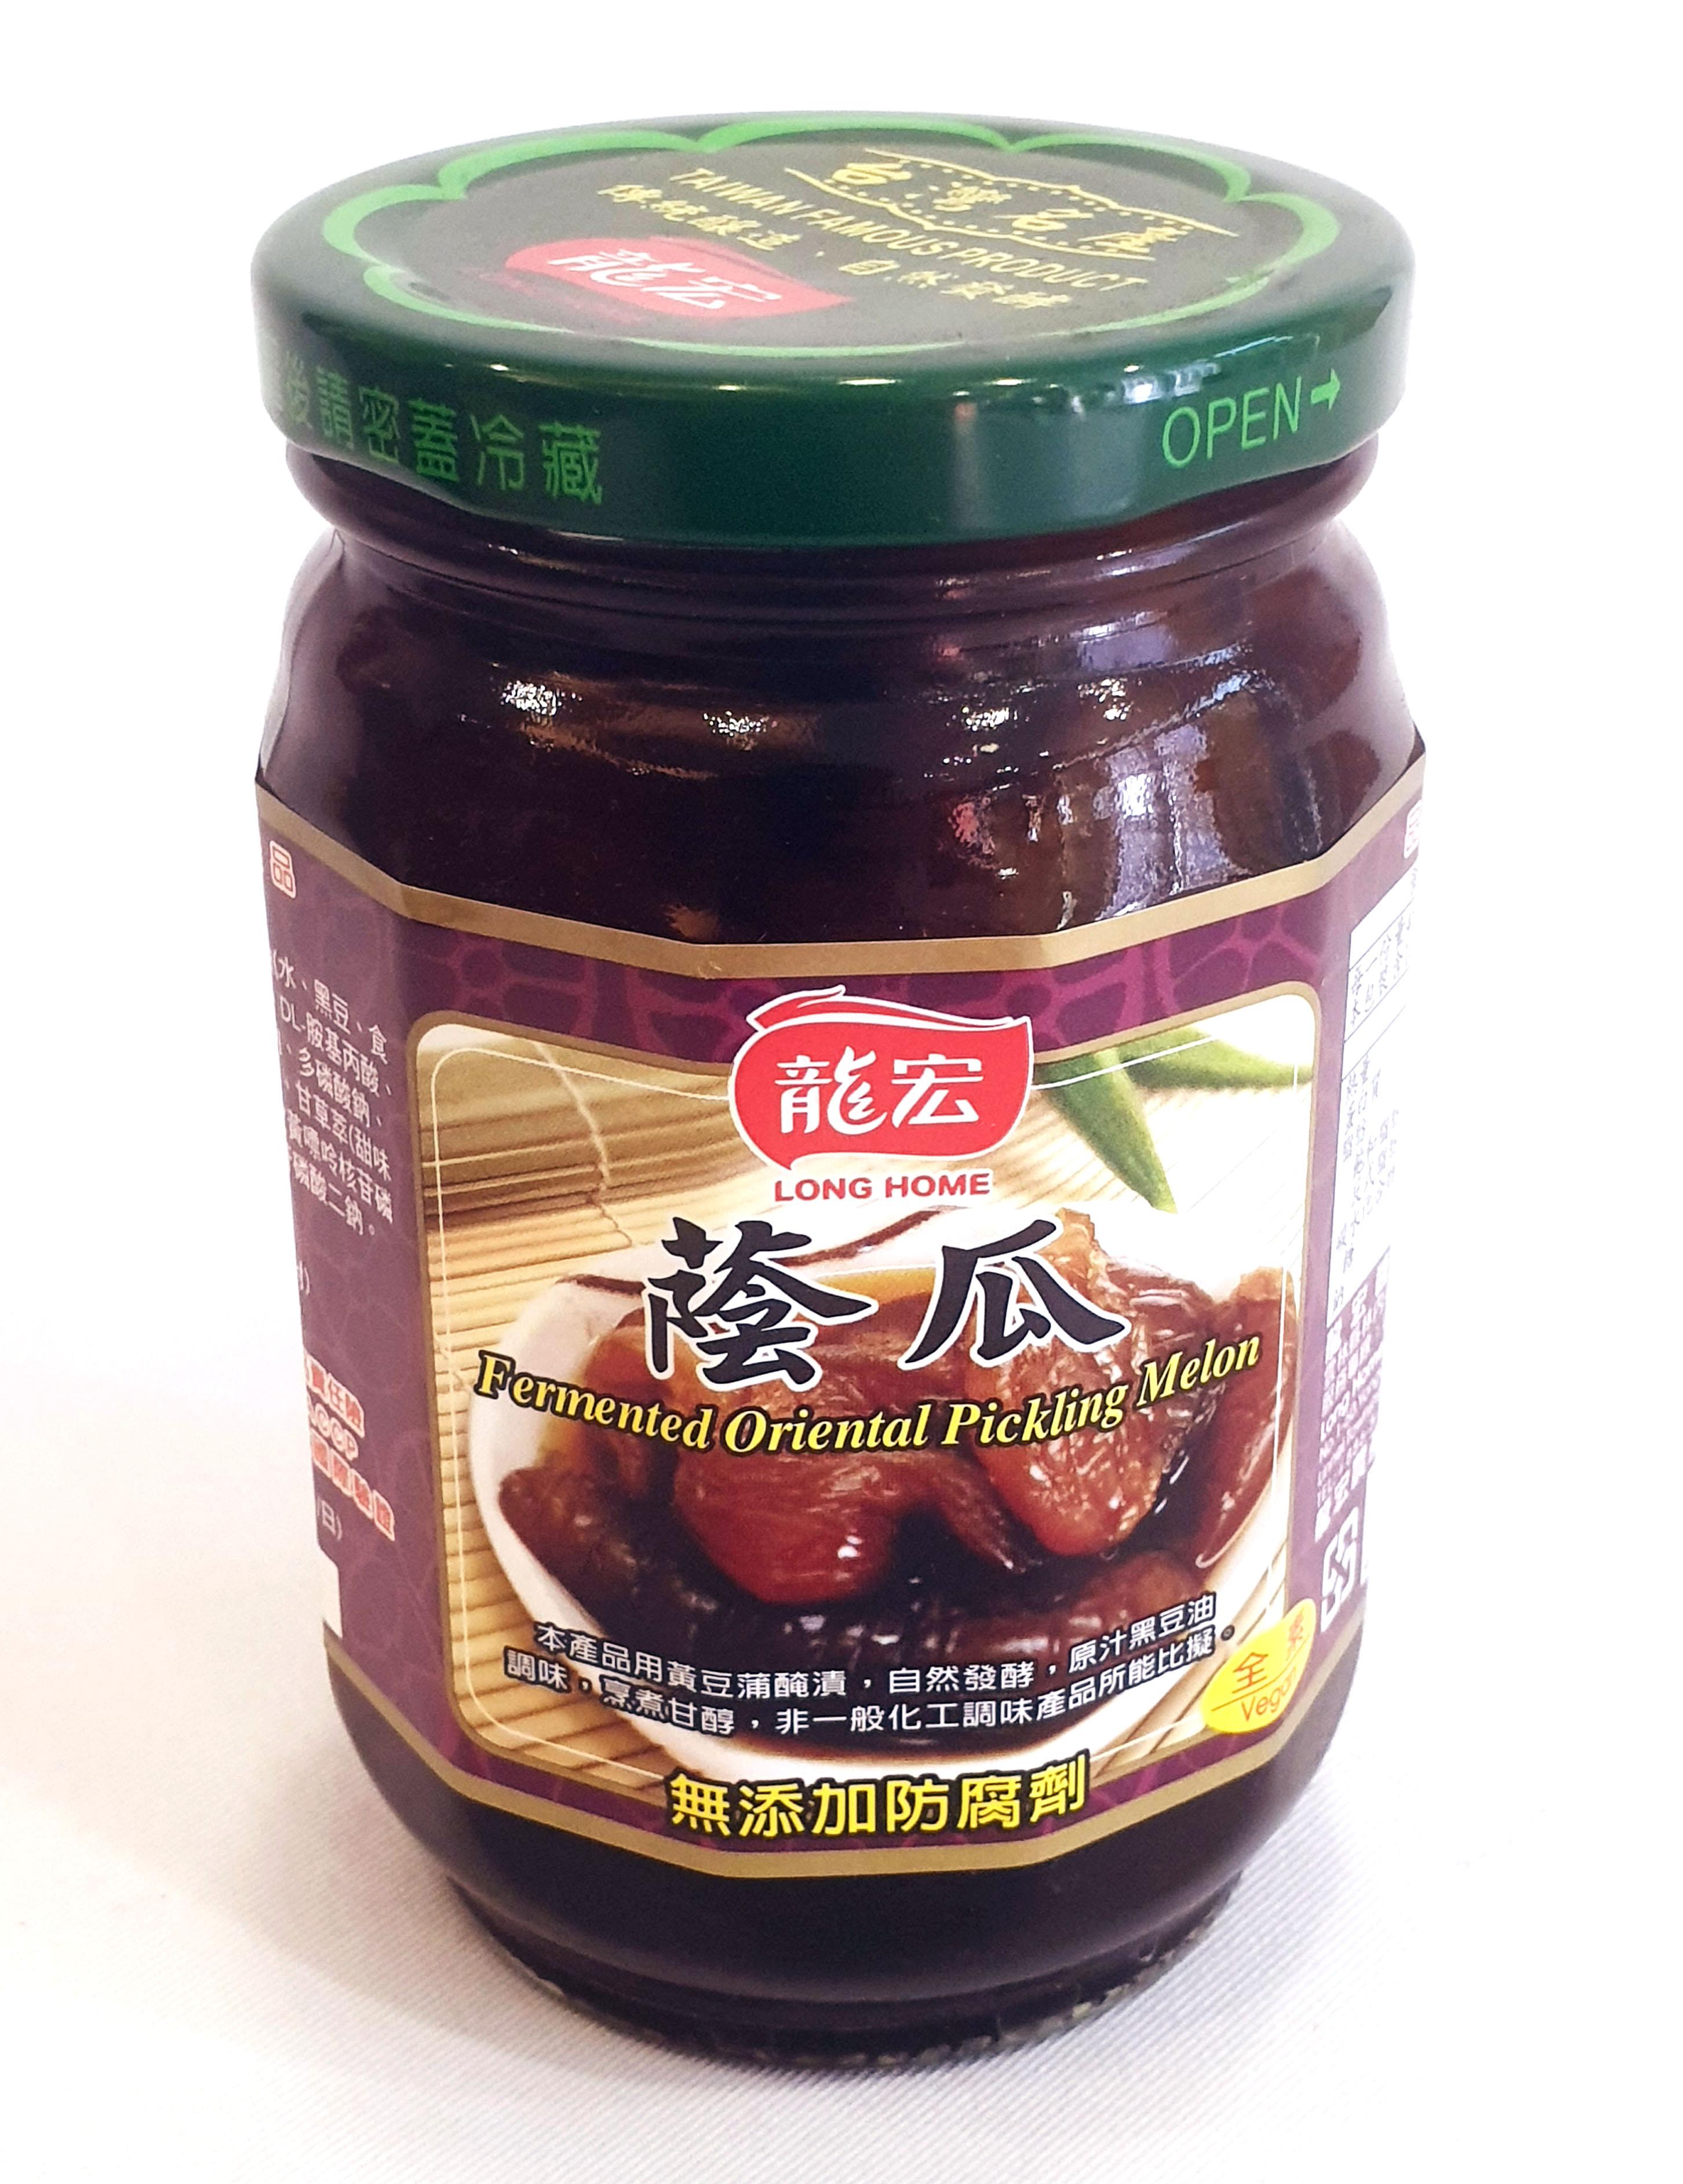 龍宏 蔭瓜 全素 220克/罐  (台灣製造)